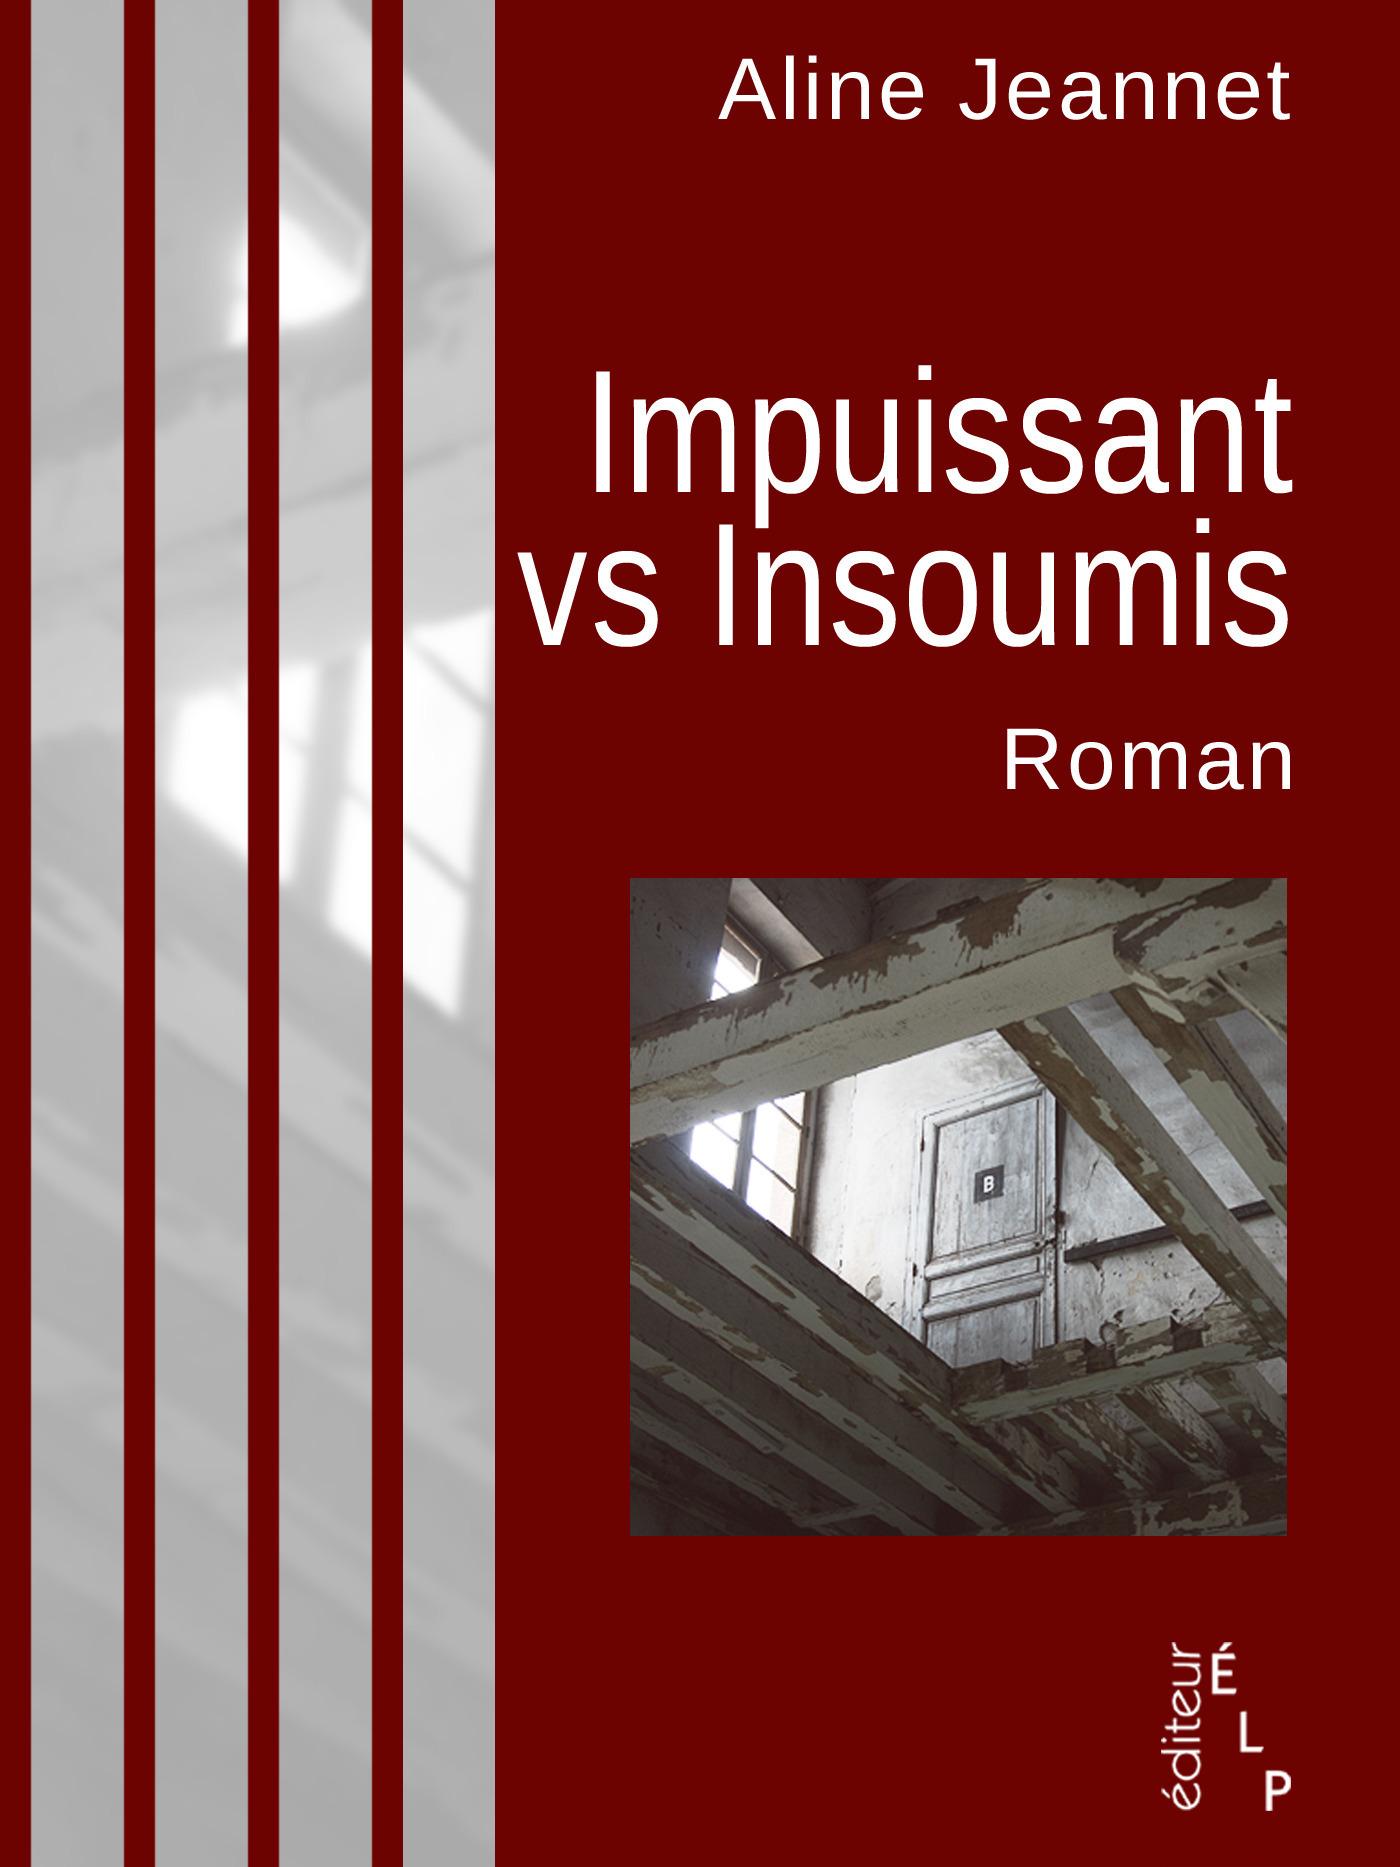 Impuissant vs insoumis